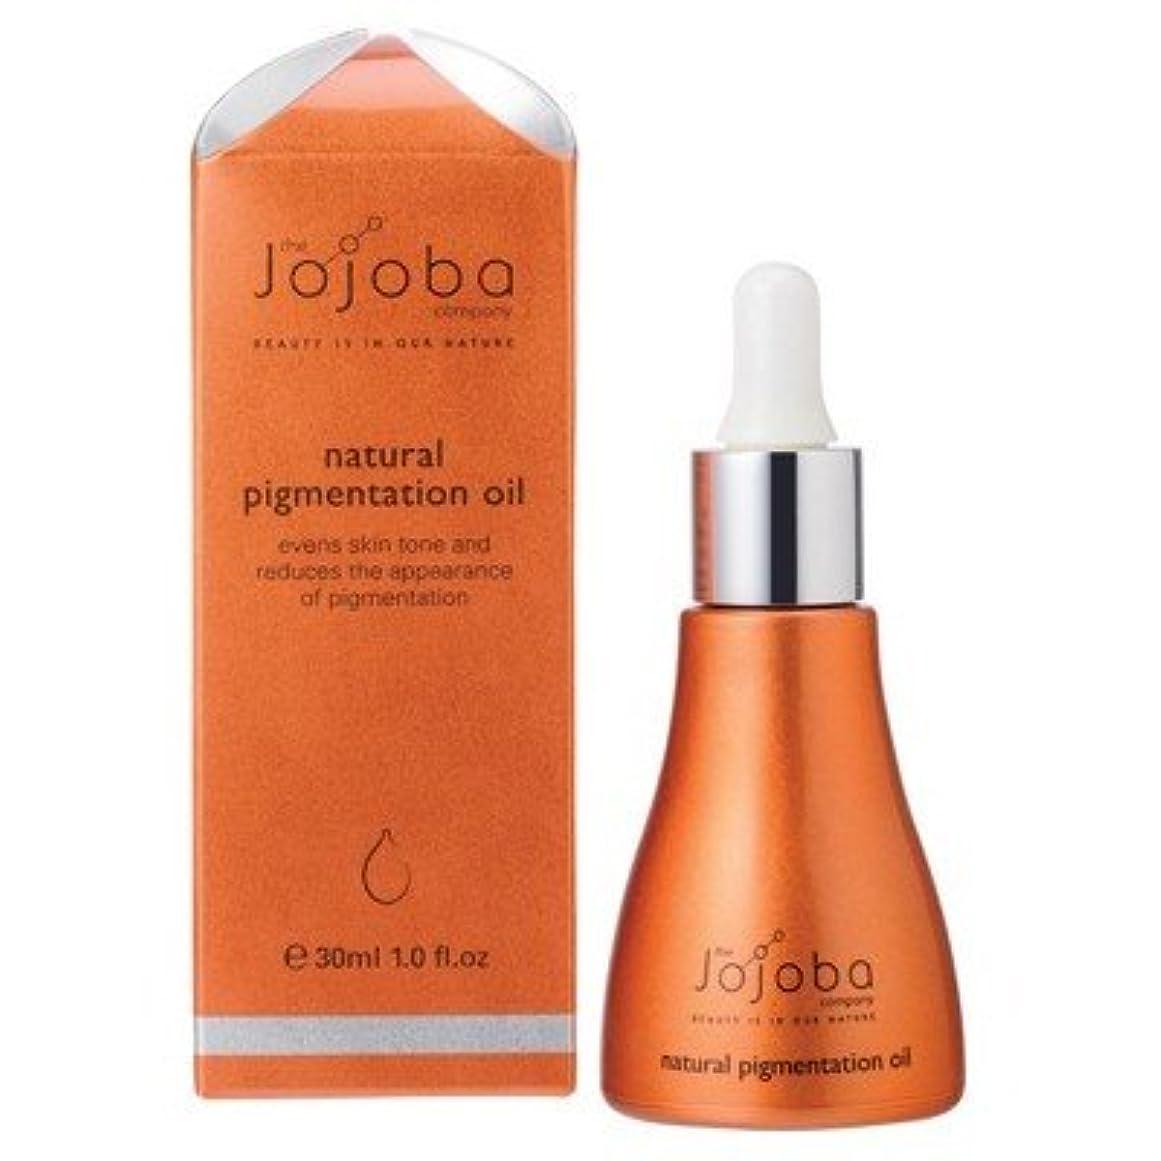 破裂堤防作成するthe Jojoba Company Natural Pigmentation Oil ナチュラルピグメンテーションオイル 30ml [海外直送品]